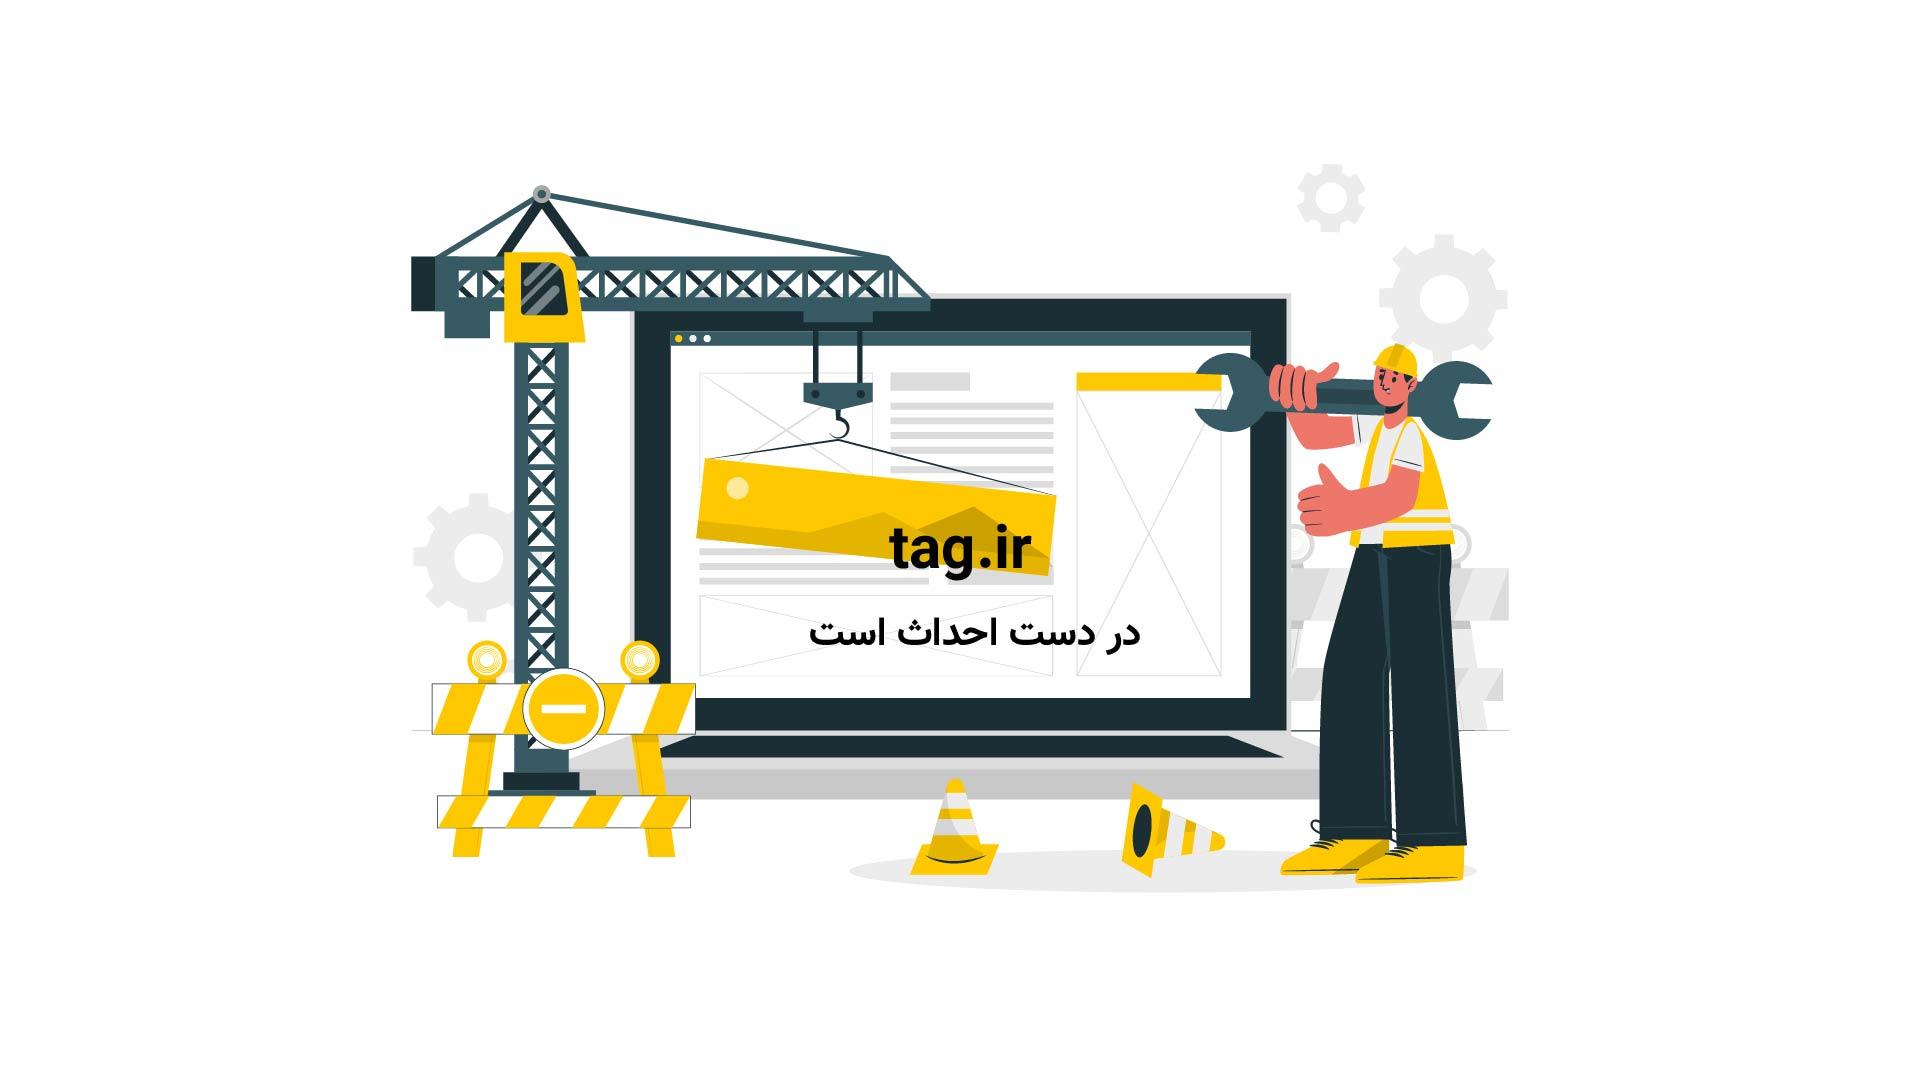 عناوین روزنامههای اقتصادی پنجشنبه 23 دی   فیلم